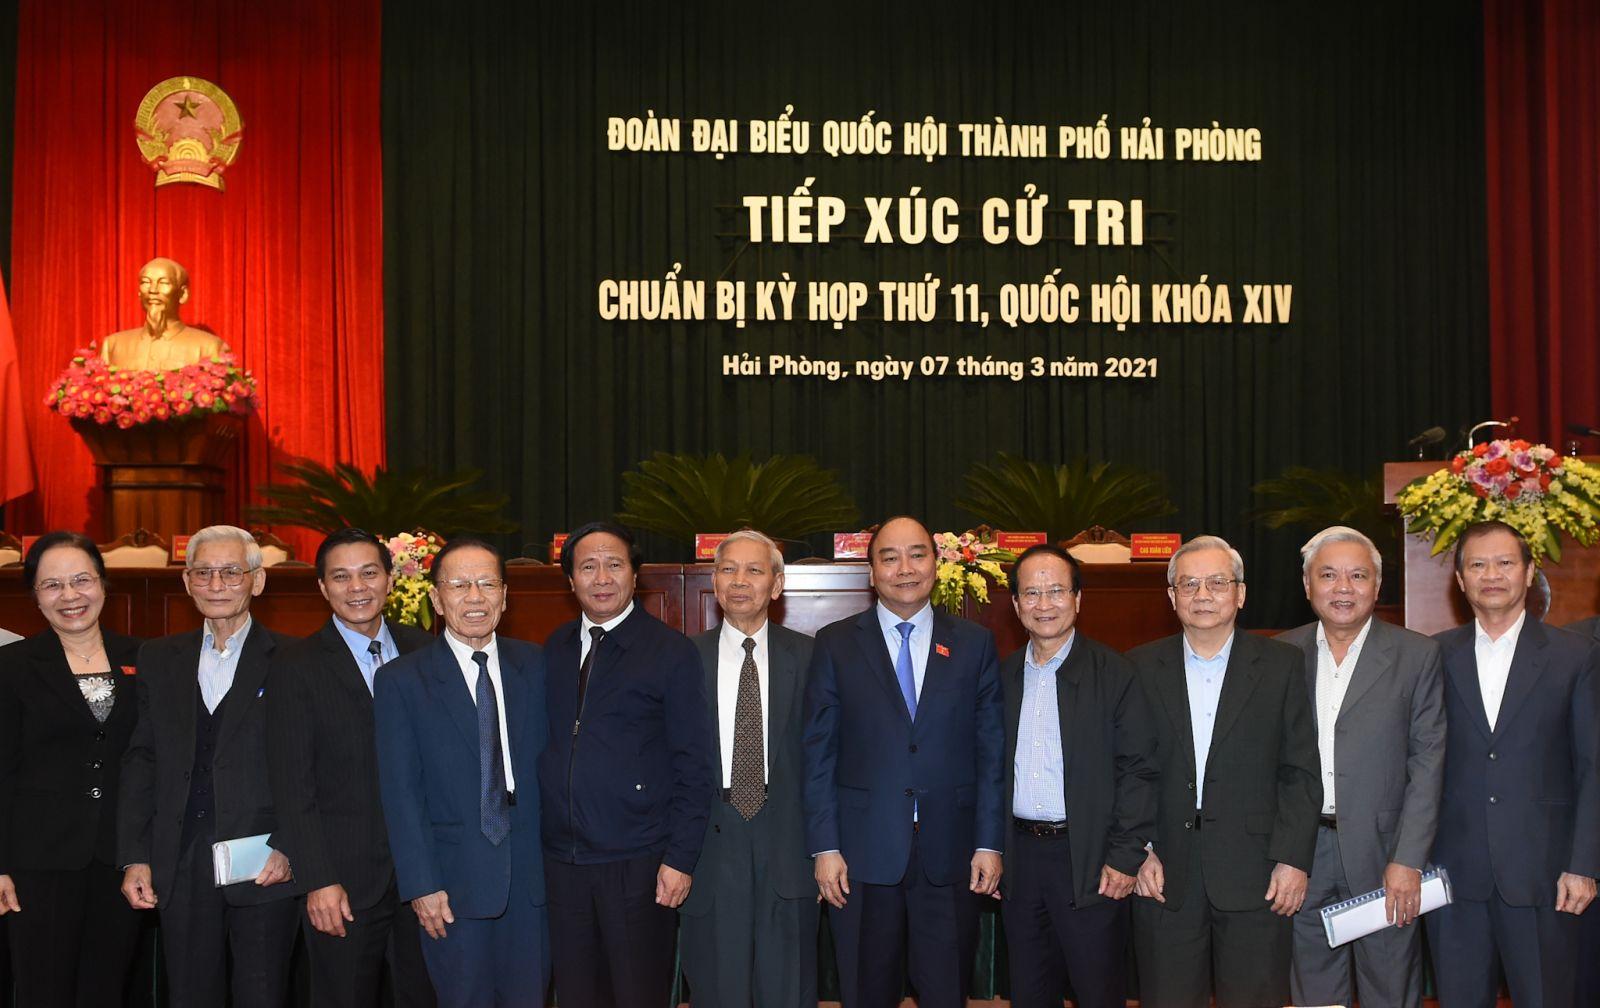 Thủ tướng Nguyễn Xuân Phúc và các thành viên Đoàn ĐBQH TP. Hải Phòng. Ảnh: VGP/Quang Hiếu